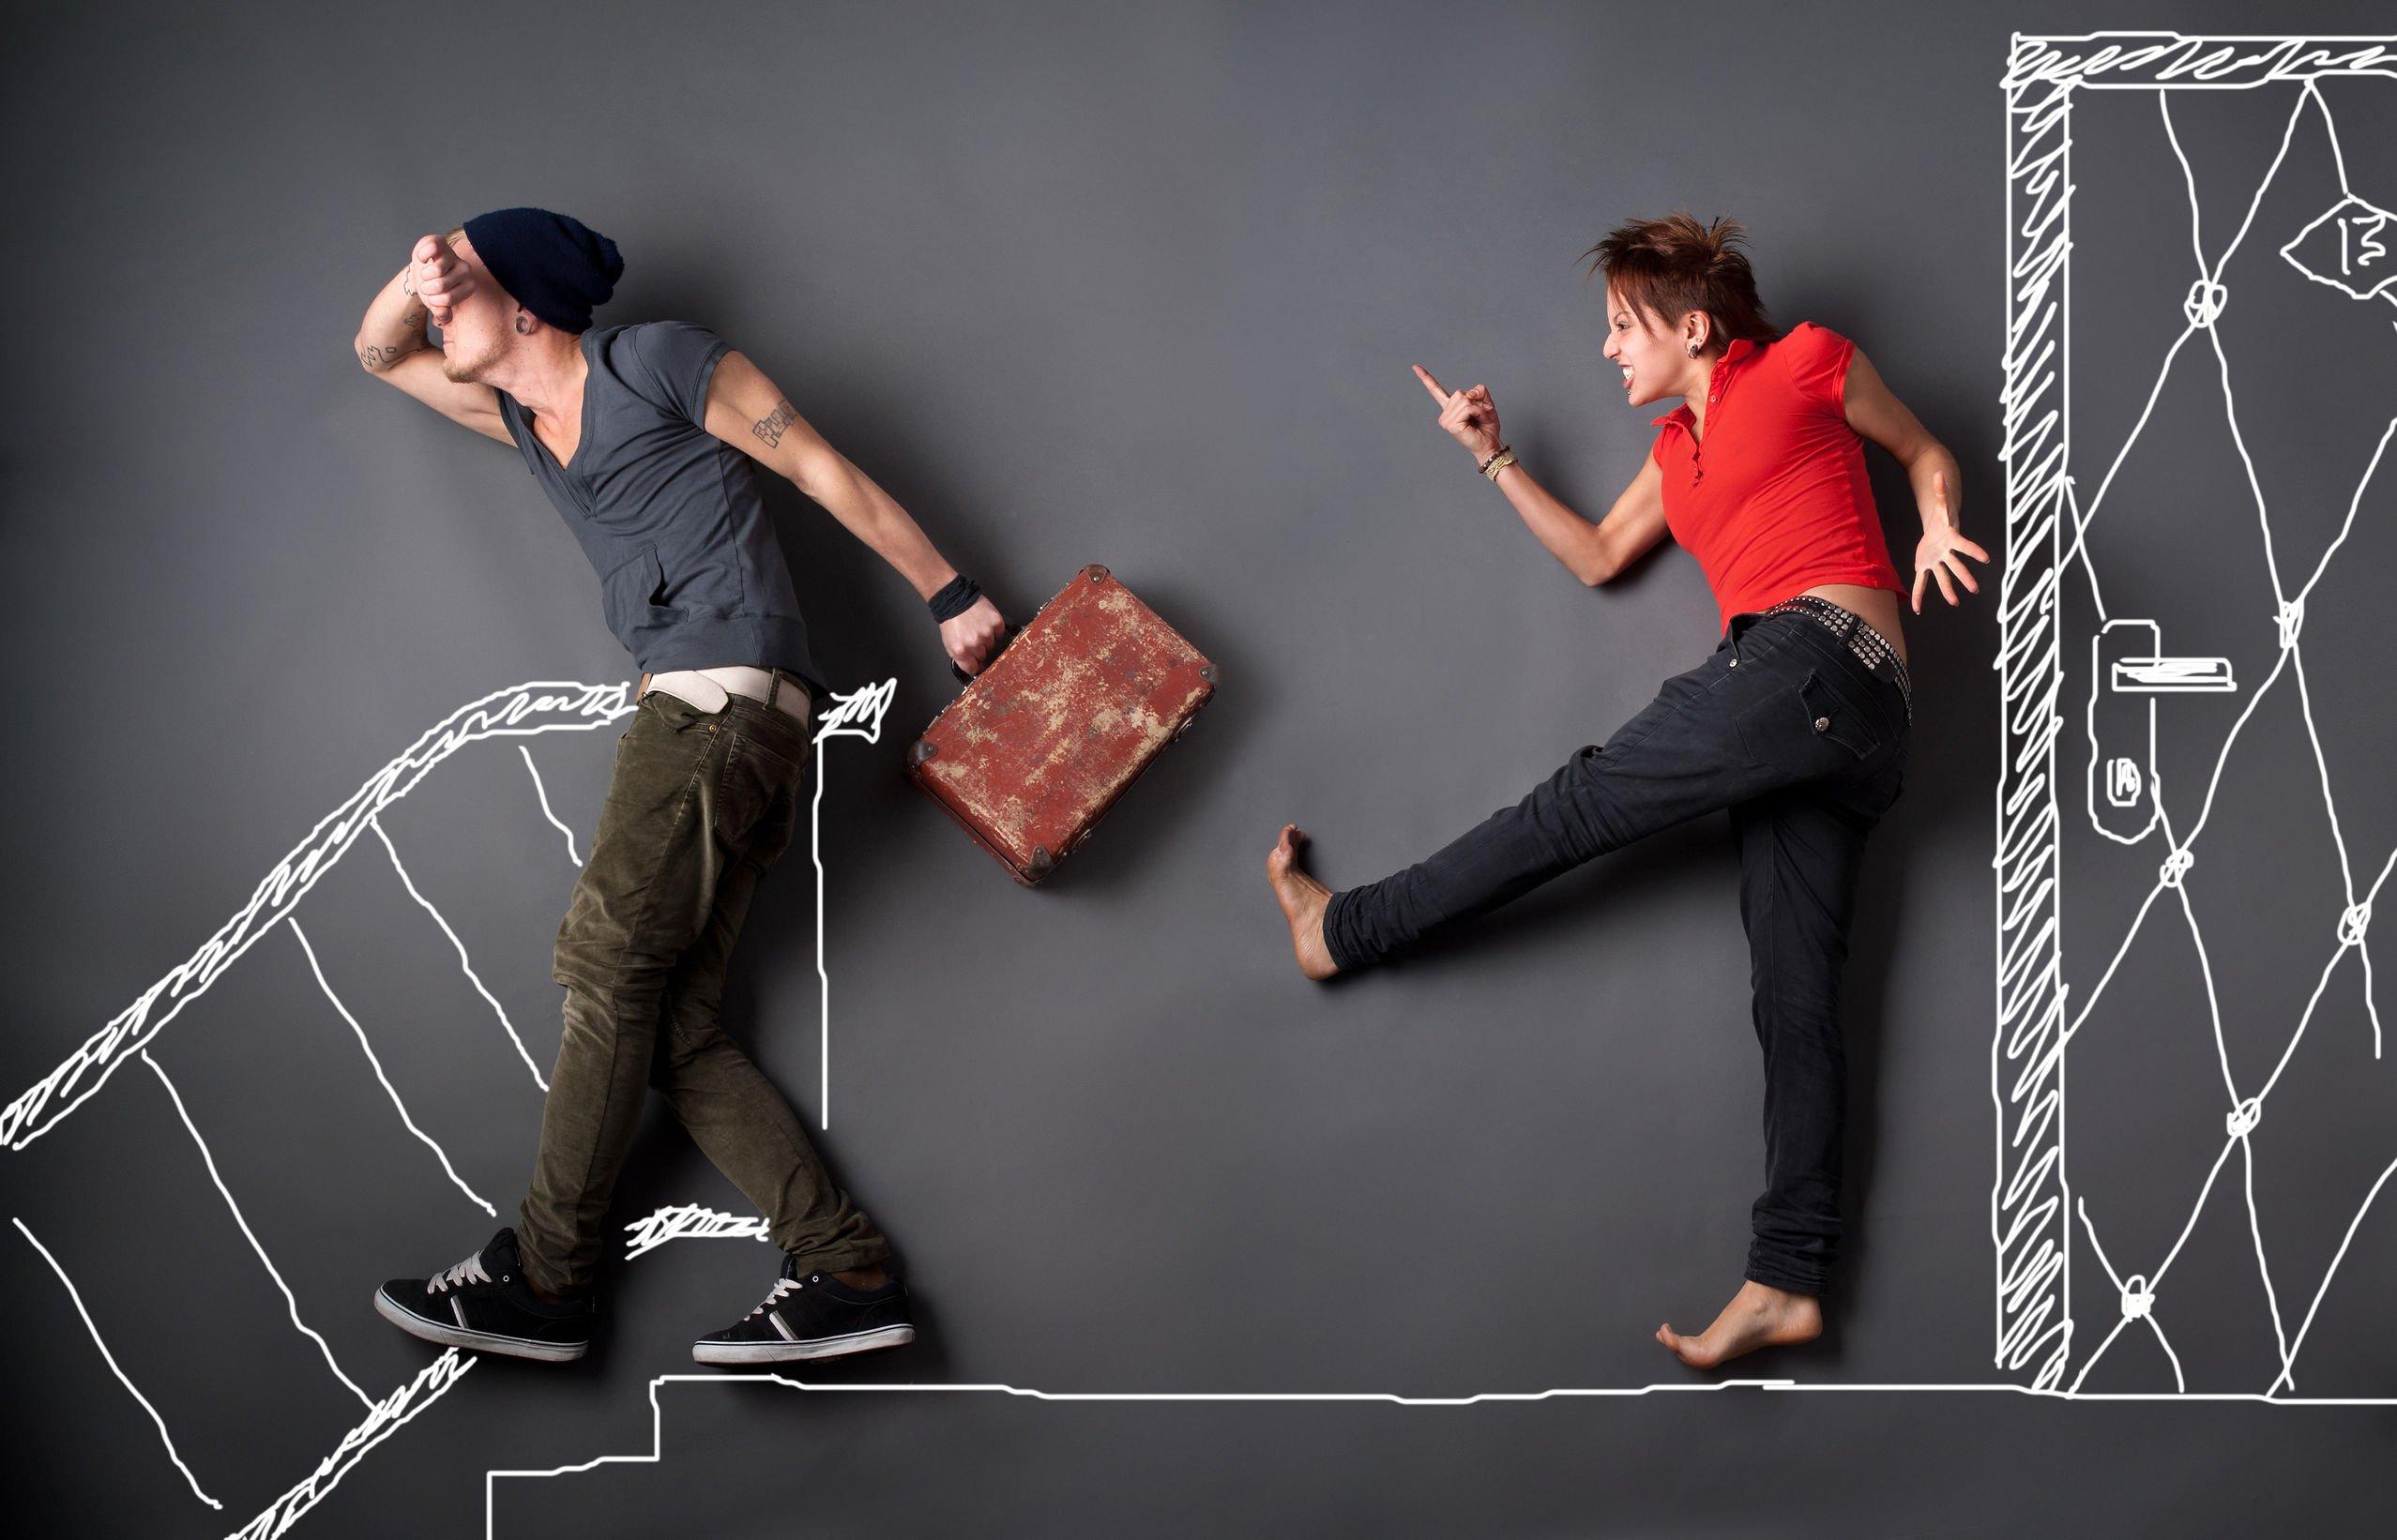 cacciare casa partner spoglio possesso